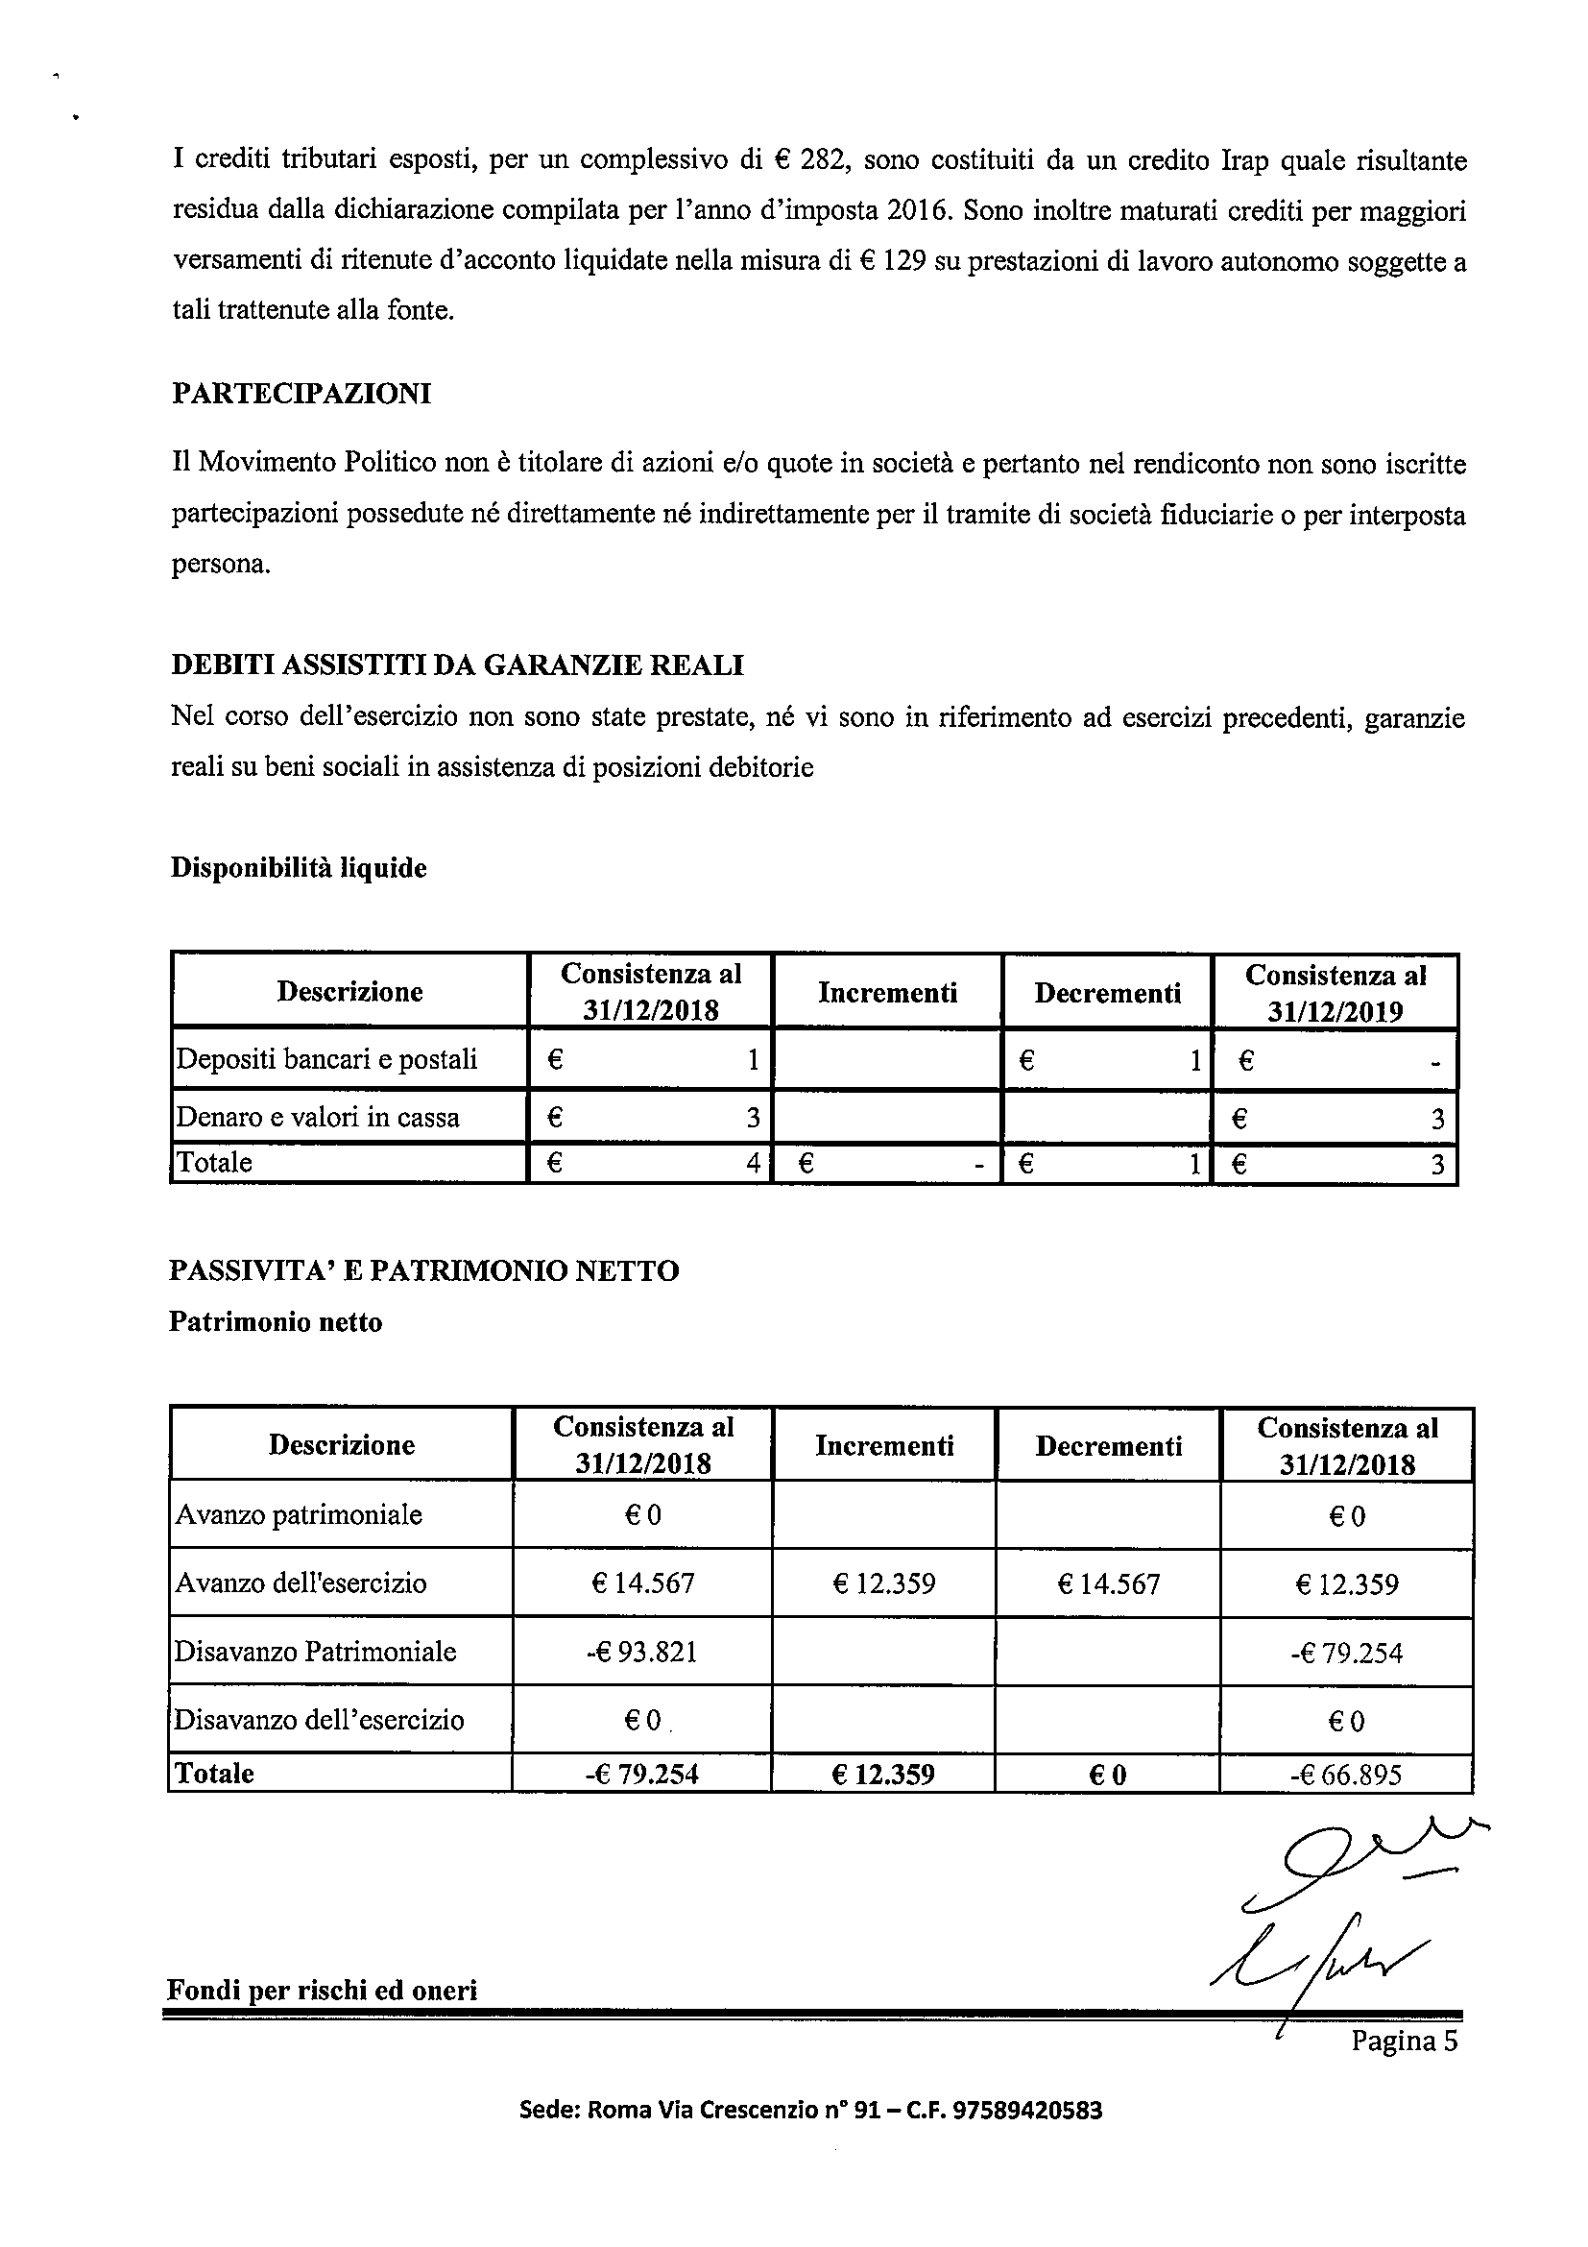 5-RENDICONTO-DELL'ESERCIZIO-AL-31